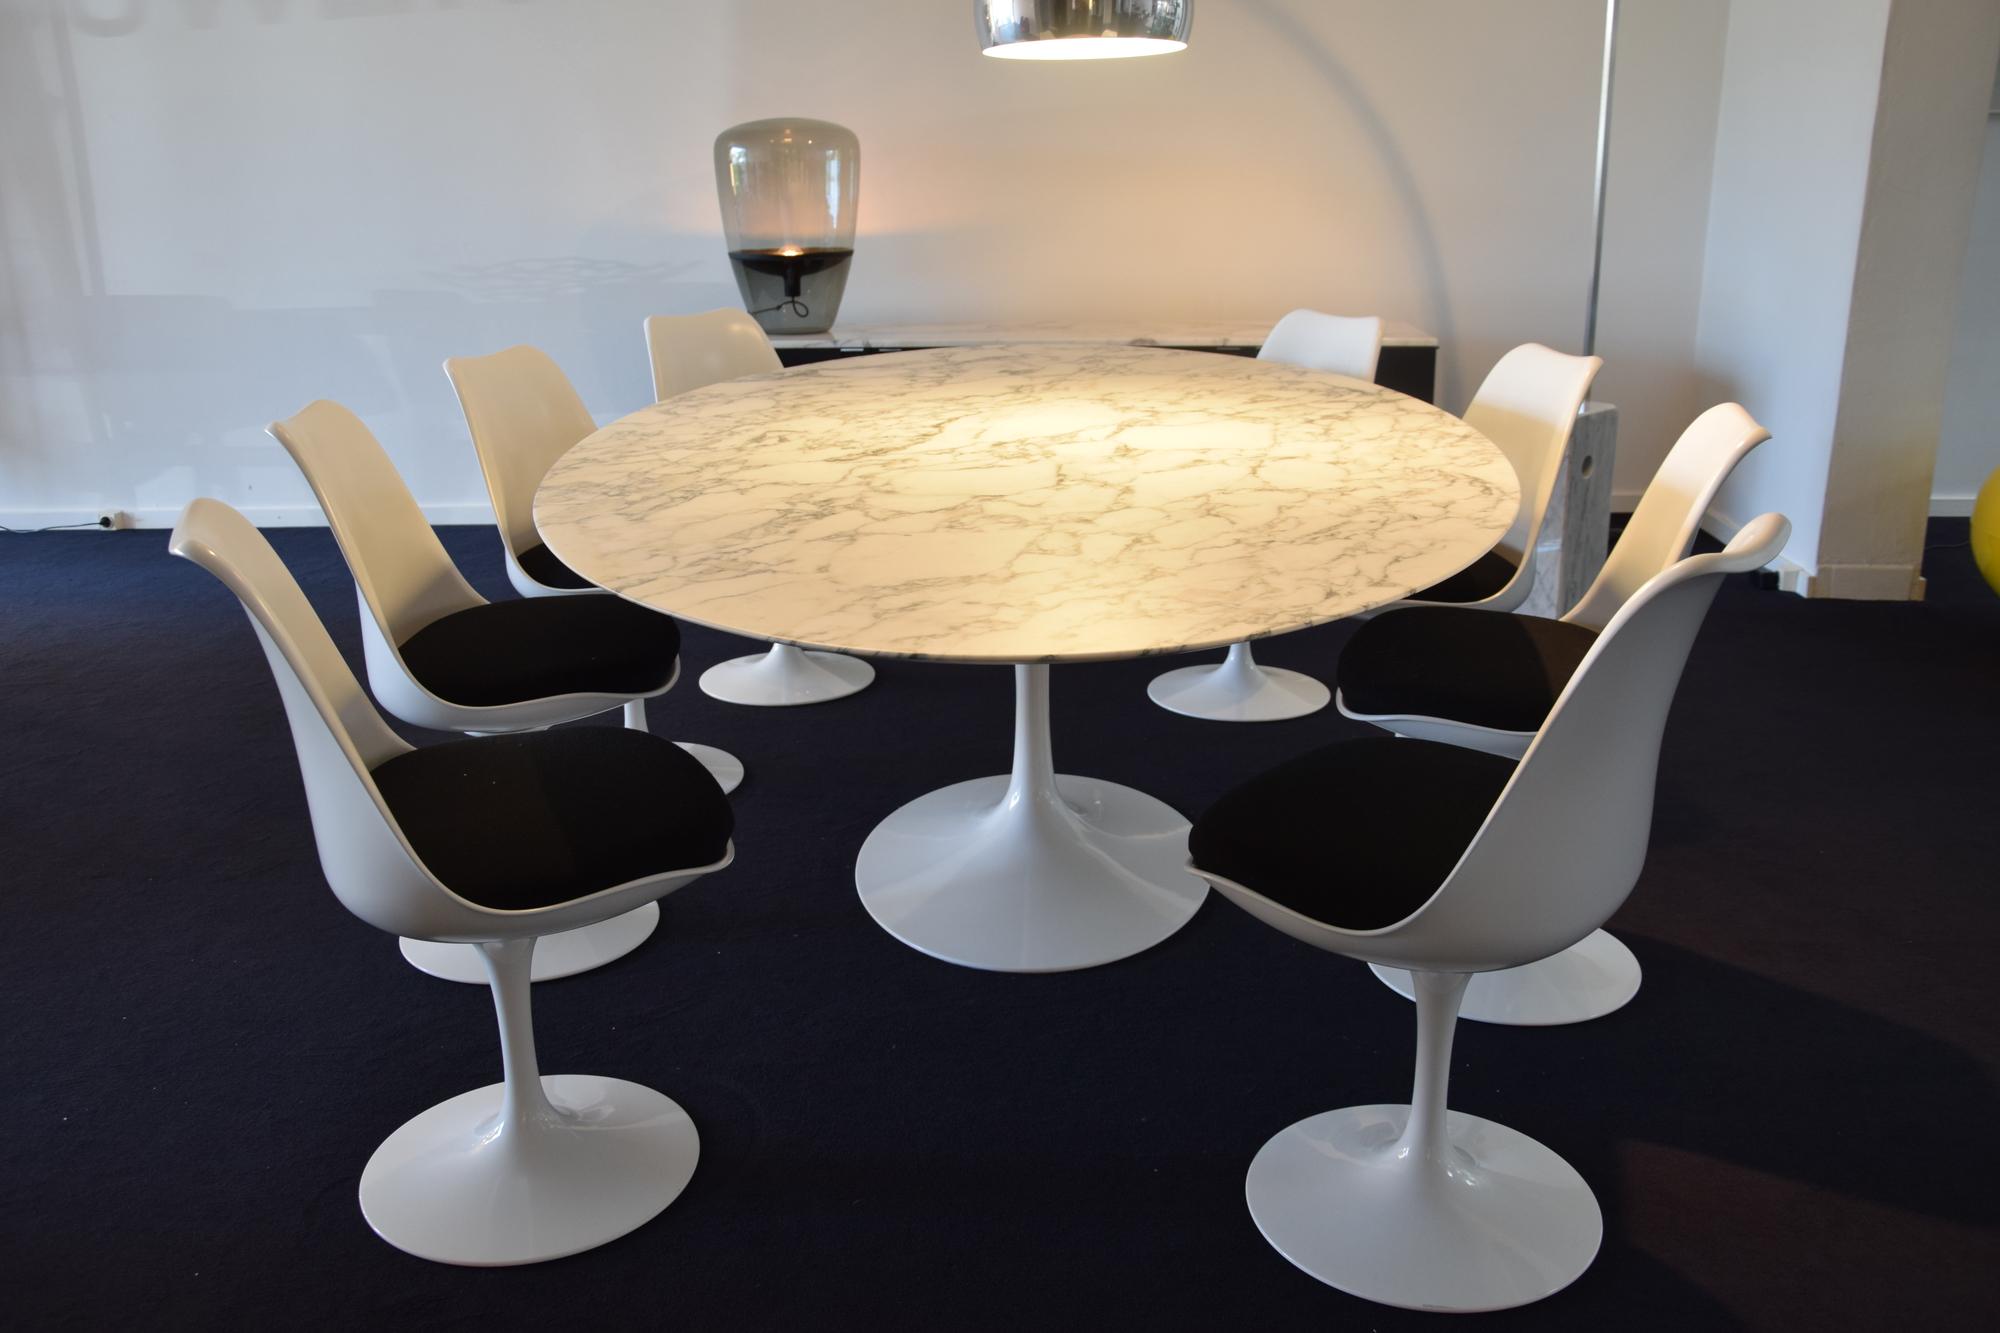 Knoll ovalen saarinen tafel met 8 stoelen delmi decor - Tafel knoll ...